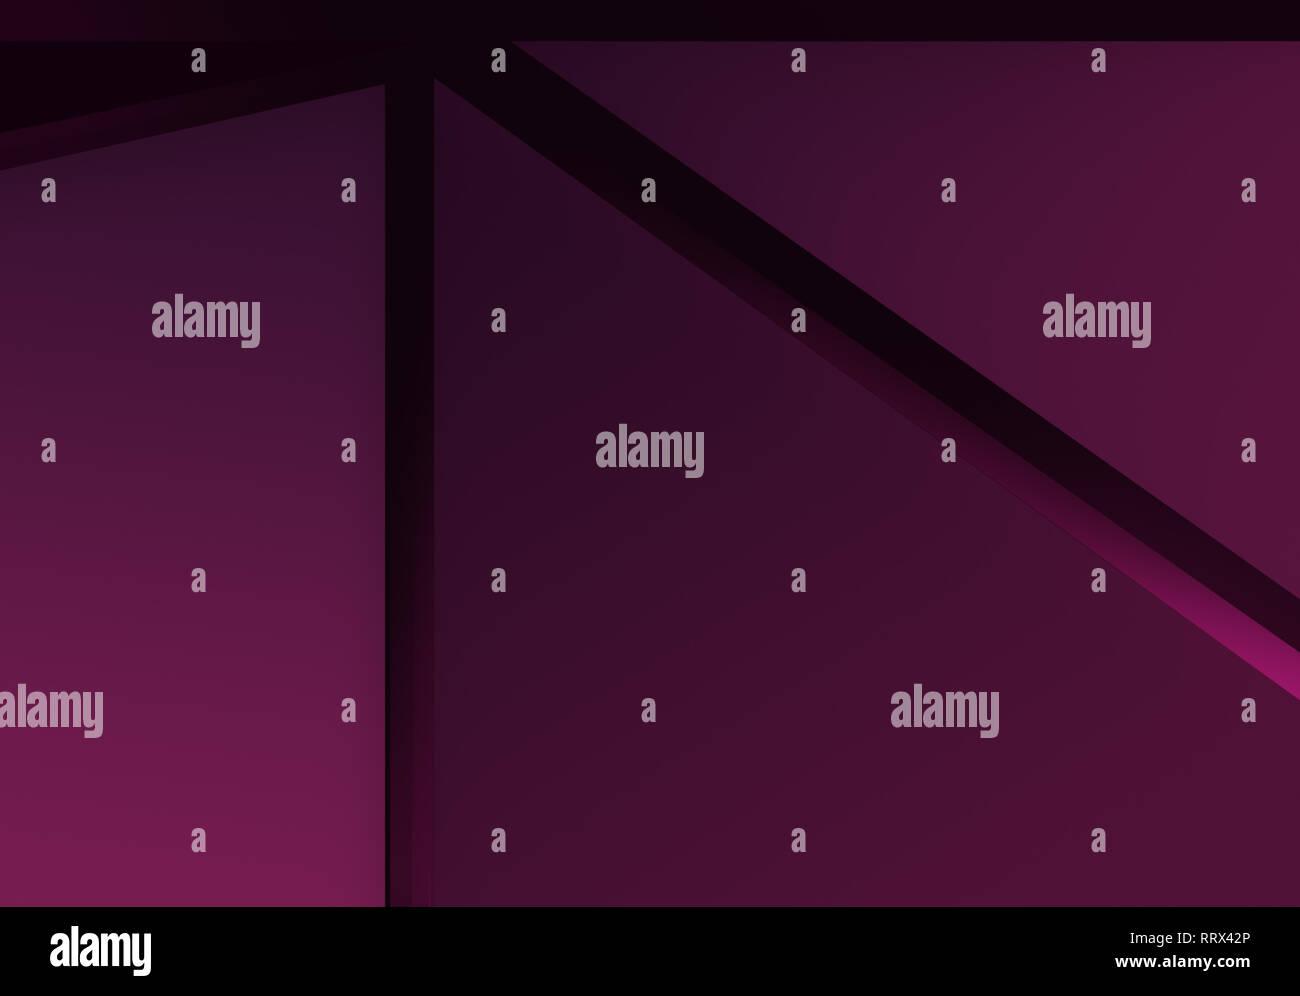 Abstrakte lila und rosa polygonalen vector Hintergrund. Geometrische Vektor-illustration, kreatives Design vorlage. Stockbild